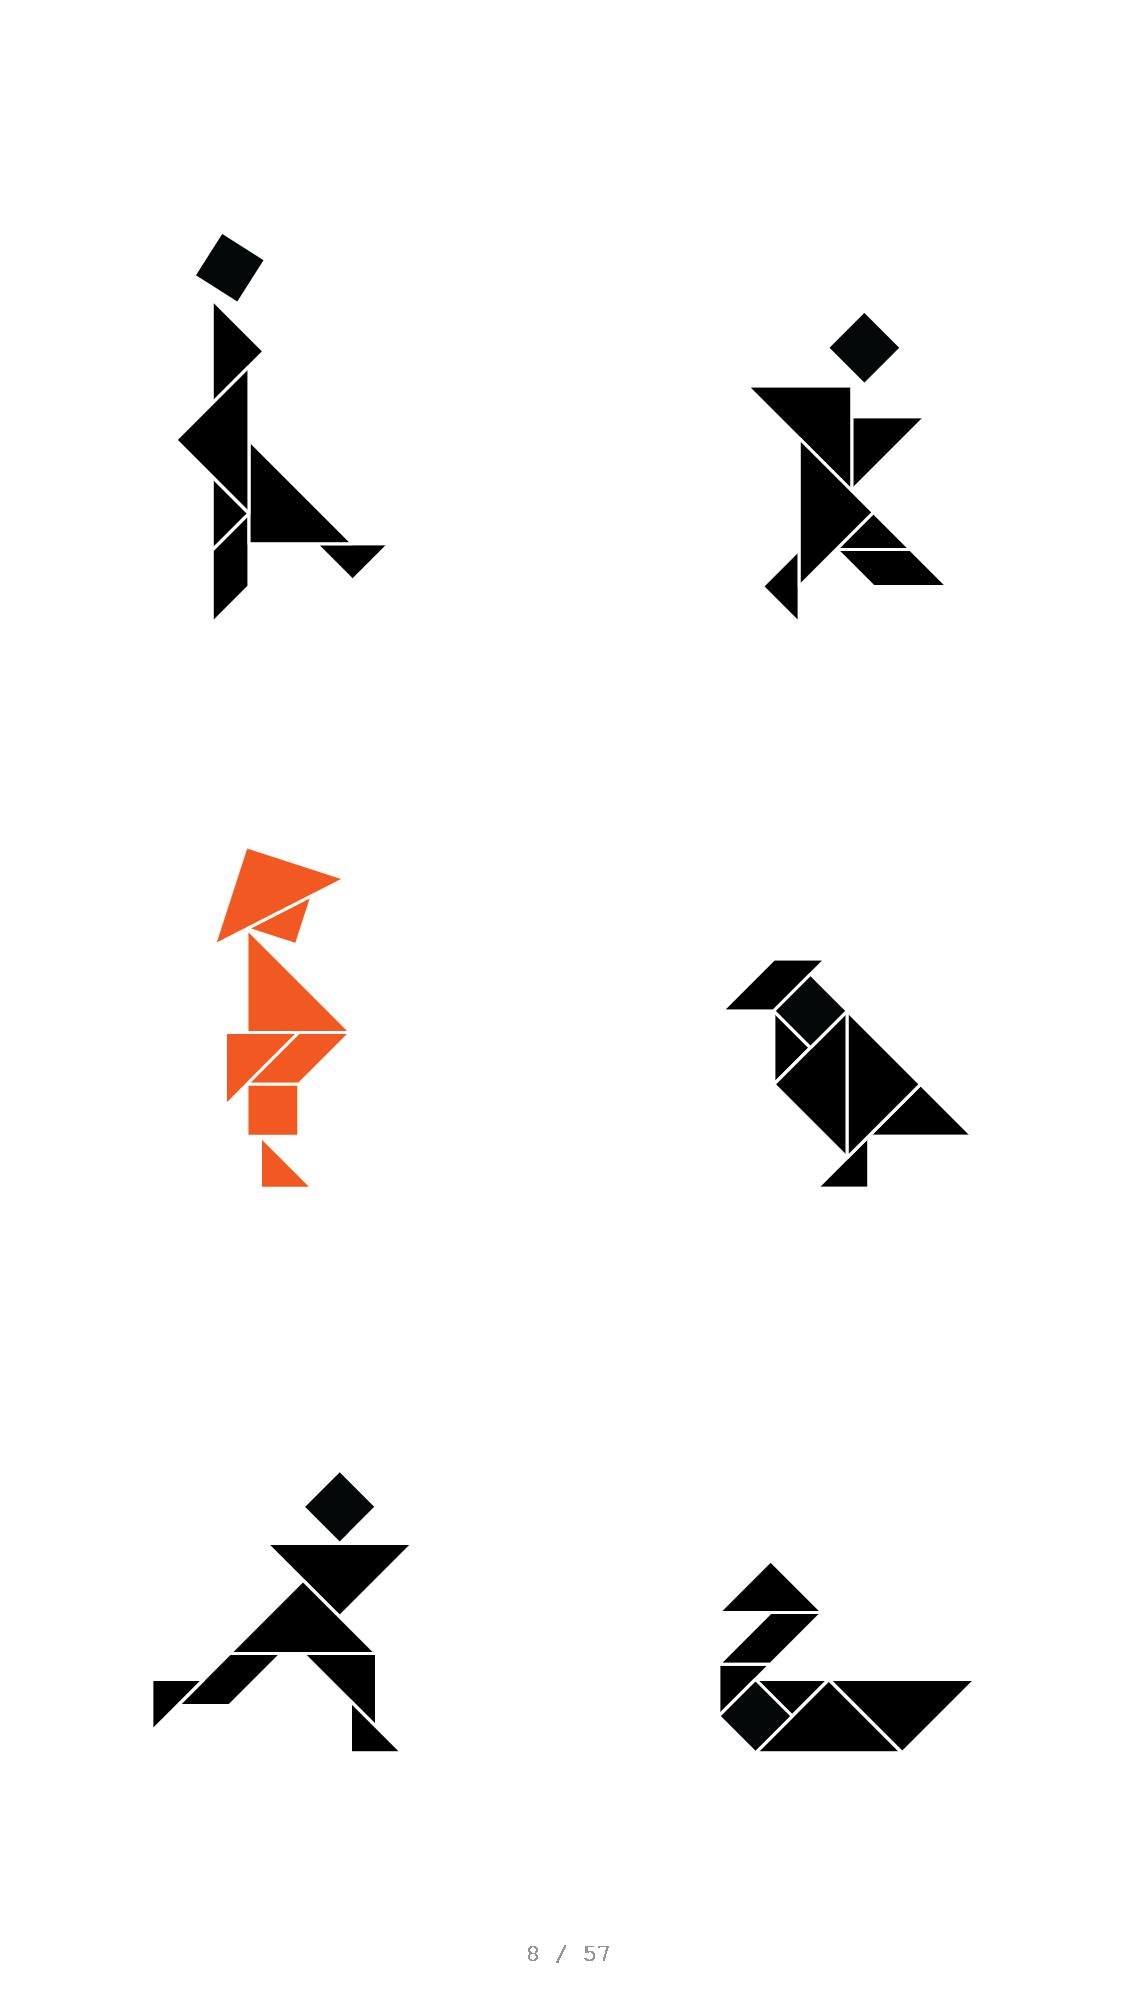 Tangram_Layout_2x3_schwarz-08